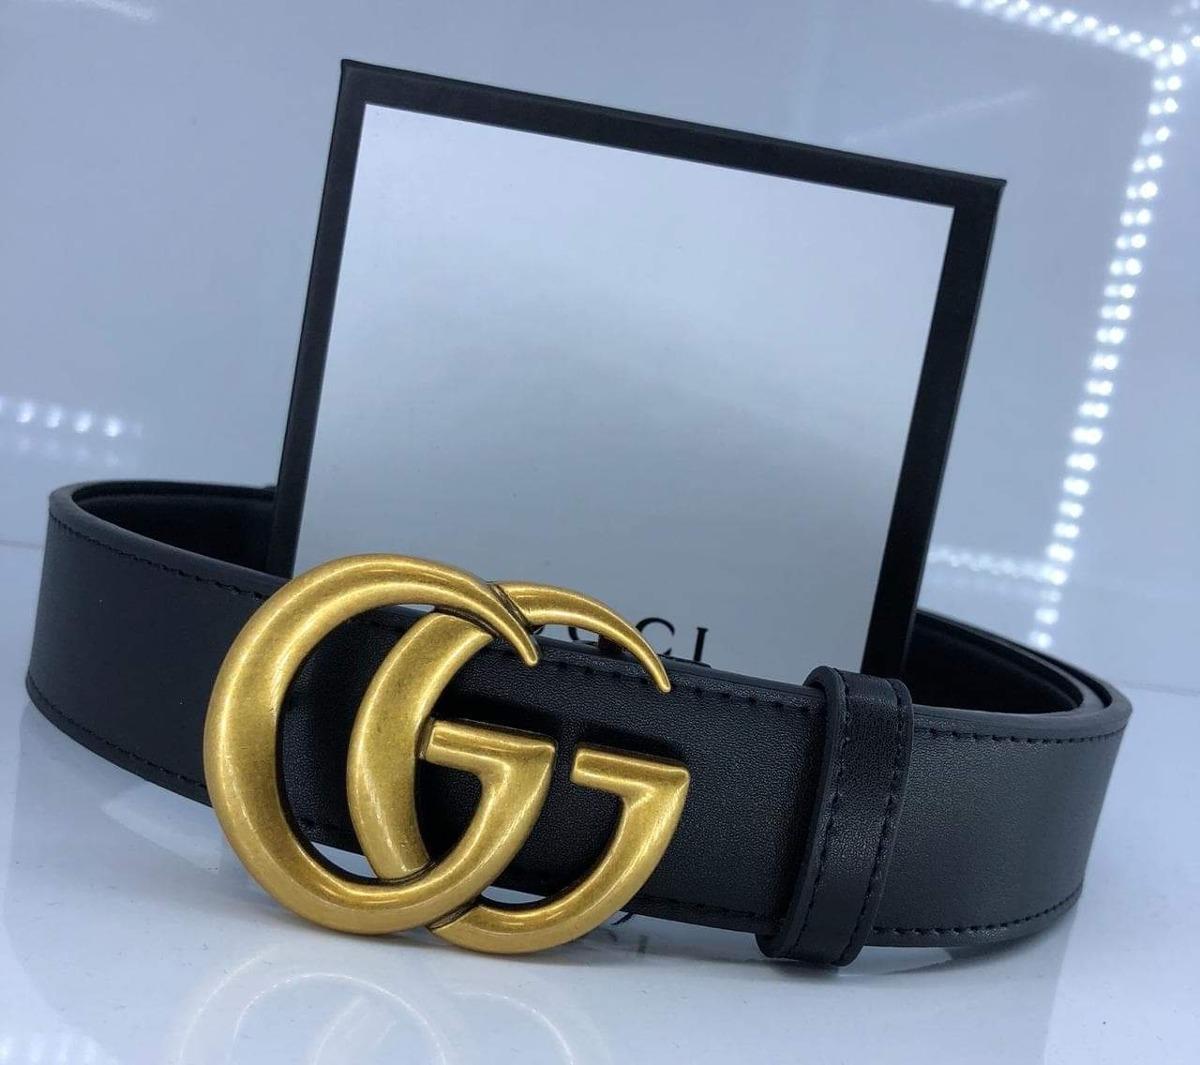 7b198d38c Correa Cinturon Gucci Negro Para Dama Cgnd. - $ 78.599 en Mercado Libre